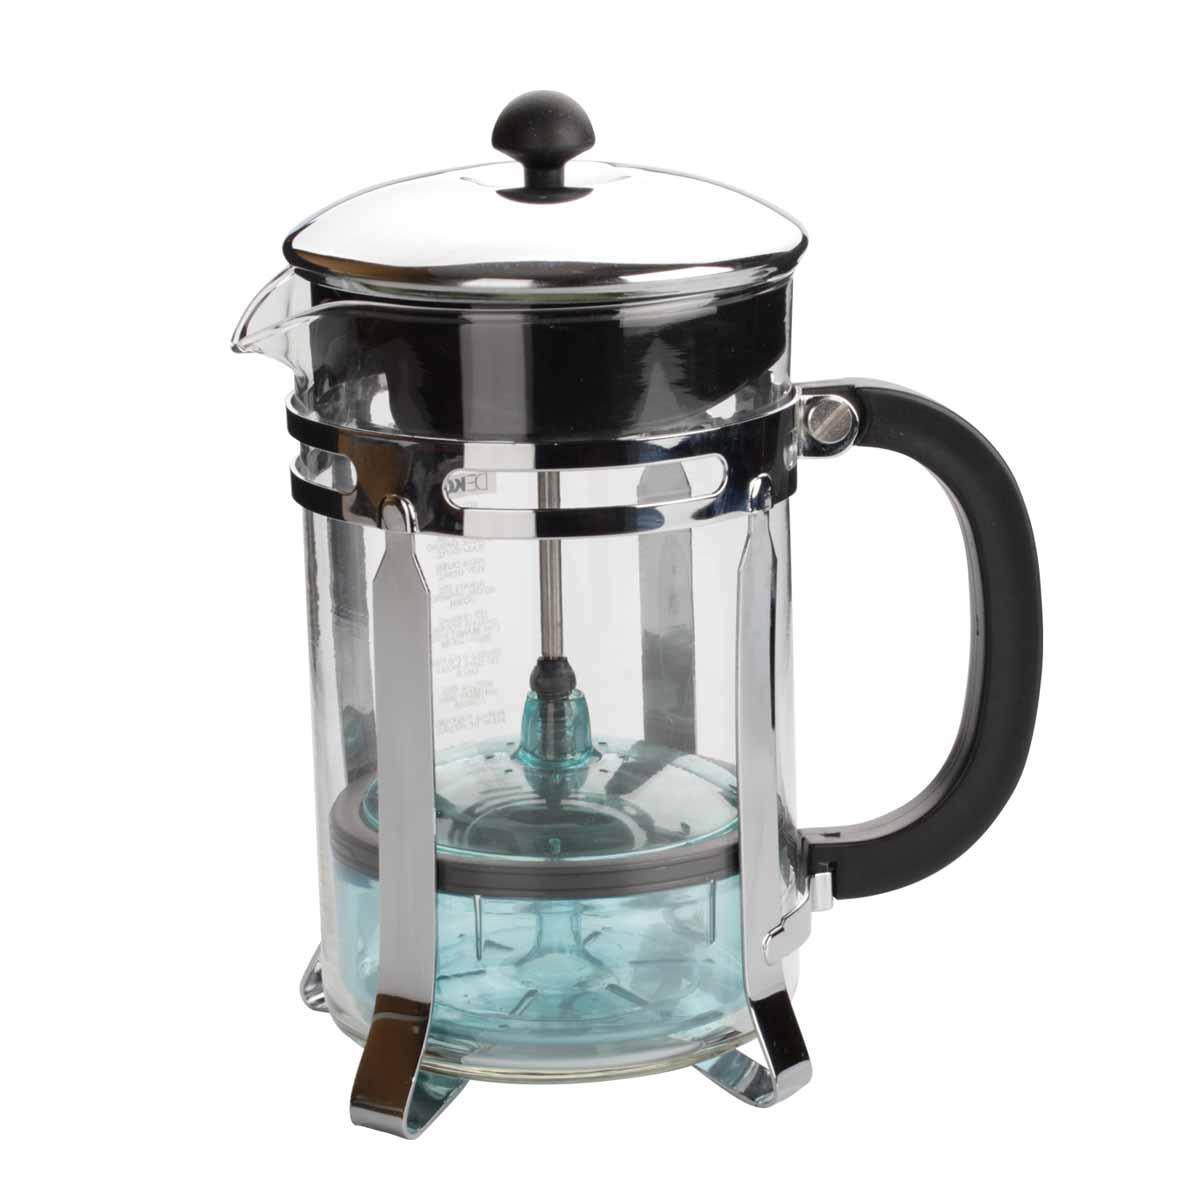 Чайник Dekok Press-Filter, 800 млCP-1005Чайник Dekok Press-Filter c встроенным в крышку пресс-фильтром в виде оригинального контейнера позволит приготовить за 3-5 минут несколько чашек чая или кофе. Изделие оснащено эргономичной пластиковой ручкой. Конструкция носика антикапля удобна для разливания напитков в чашки. Емкость чайника выполнена из жаропрочного стекла, основание - из стали. Надежное устройство фильтра обеспечивает идеальную фильтрацию ароматного напитка. Неоспоримым плюсом кухонныхустройств Dekok является: - инновационность - новый взгляд на привычные приспособления, возможность их настроек и регулировок,- многофункциональность - во многих изделиях идеально воплощен принцип все в одном,- индивидуальный подход - различные варианты комплектаций и размеров кухонных устройств позволят подобрать инструмент с учетом индивидуальных потребностей.Размер чайника (без учета крышки): 11 см х 9,5 см х 16 см.Объем: 800 мл.